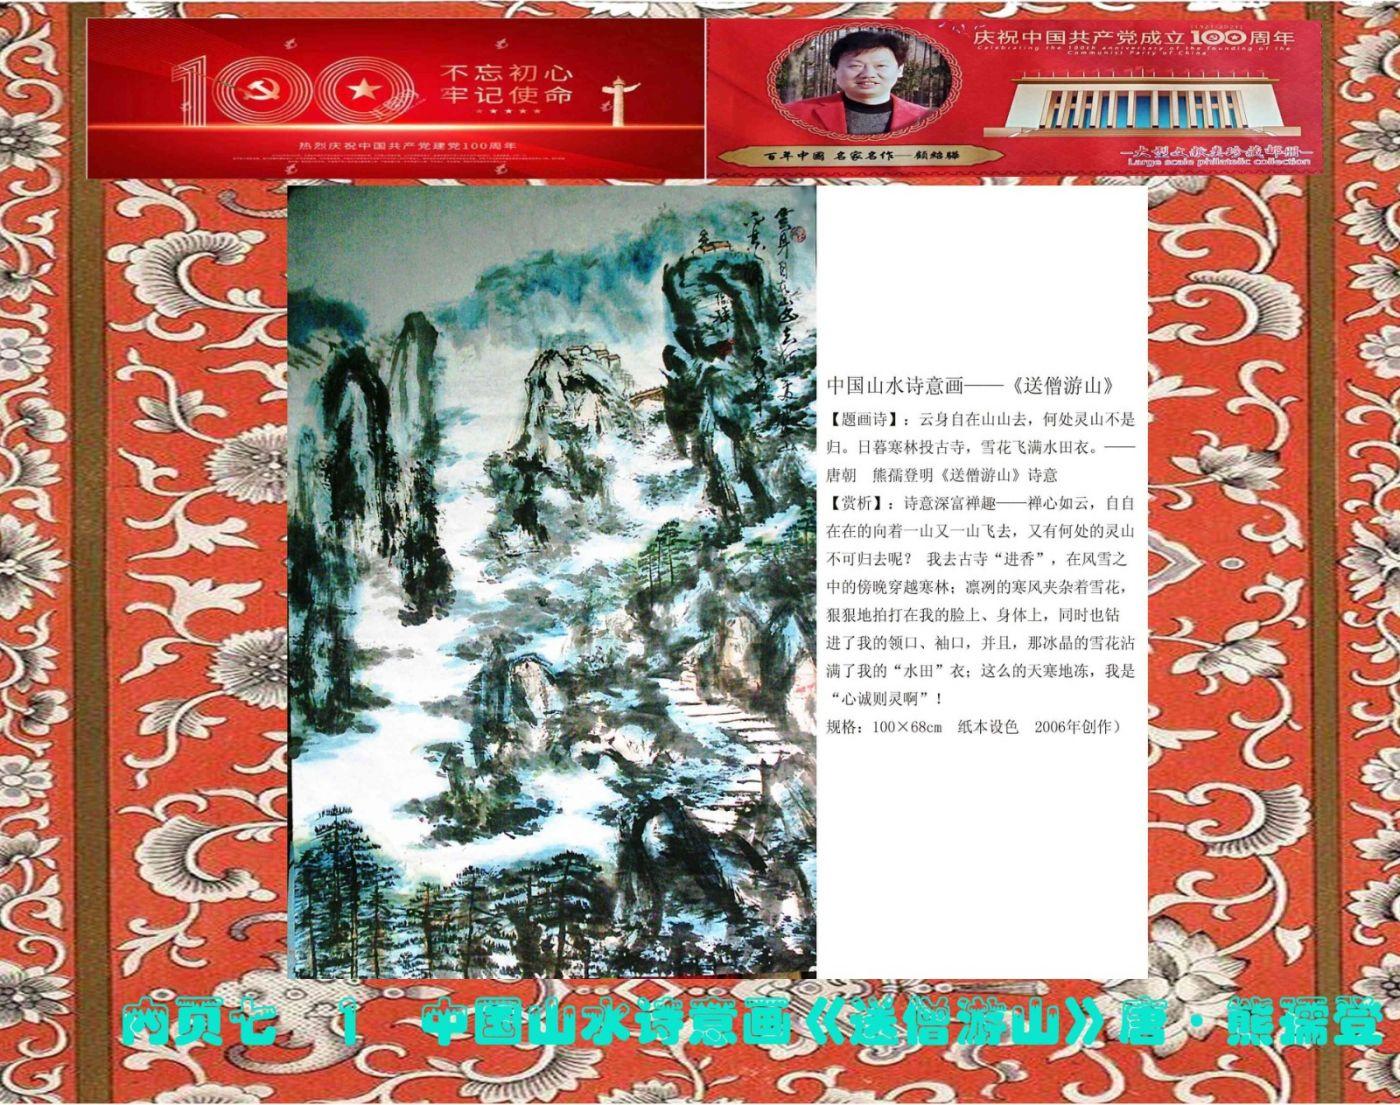 顾绍骅的诗情画意又入选《庆祝中国共产党成立100周年 百年中国名家名作》 ..._图1-20